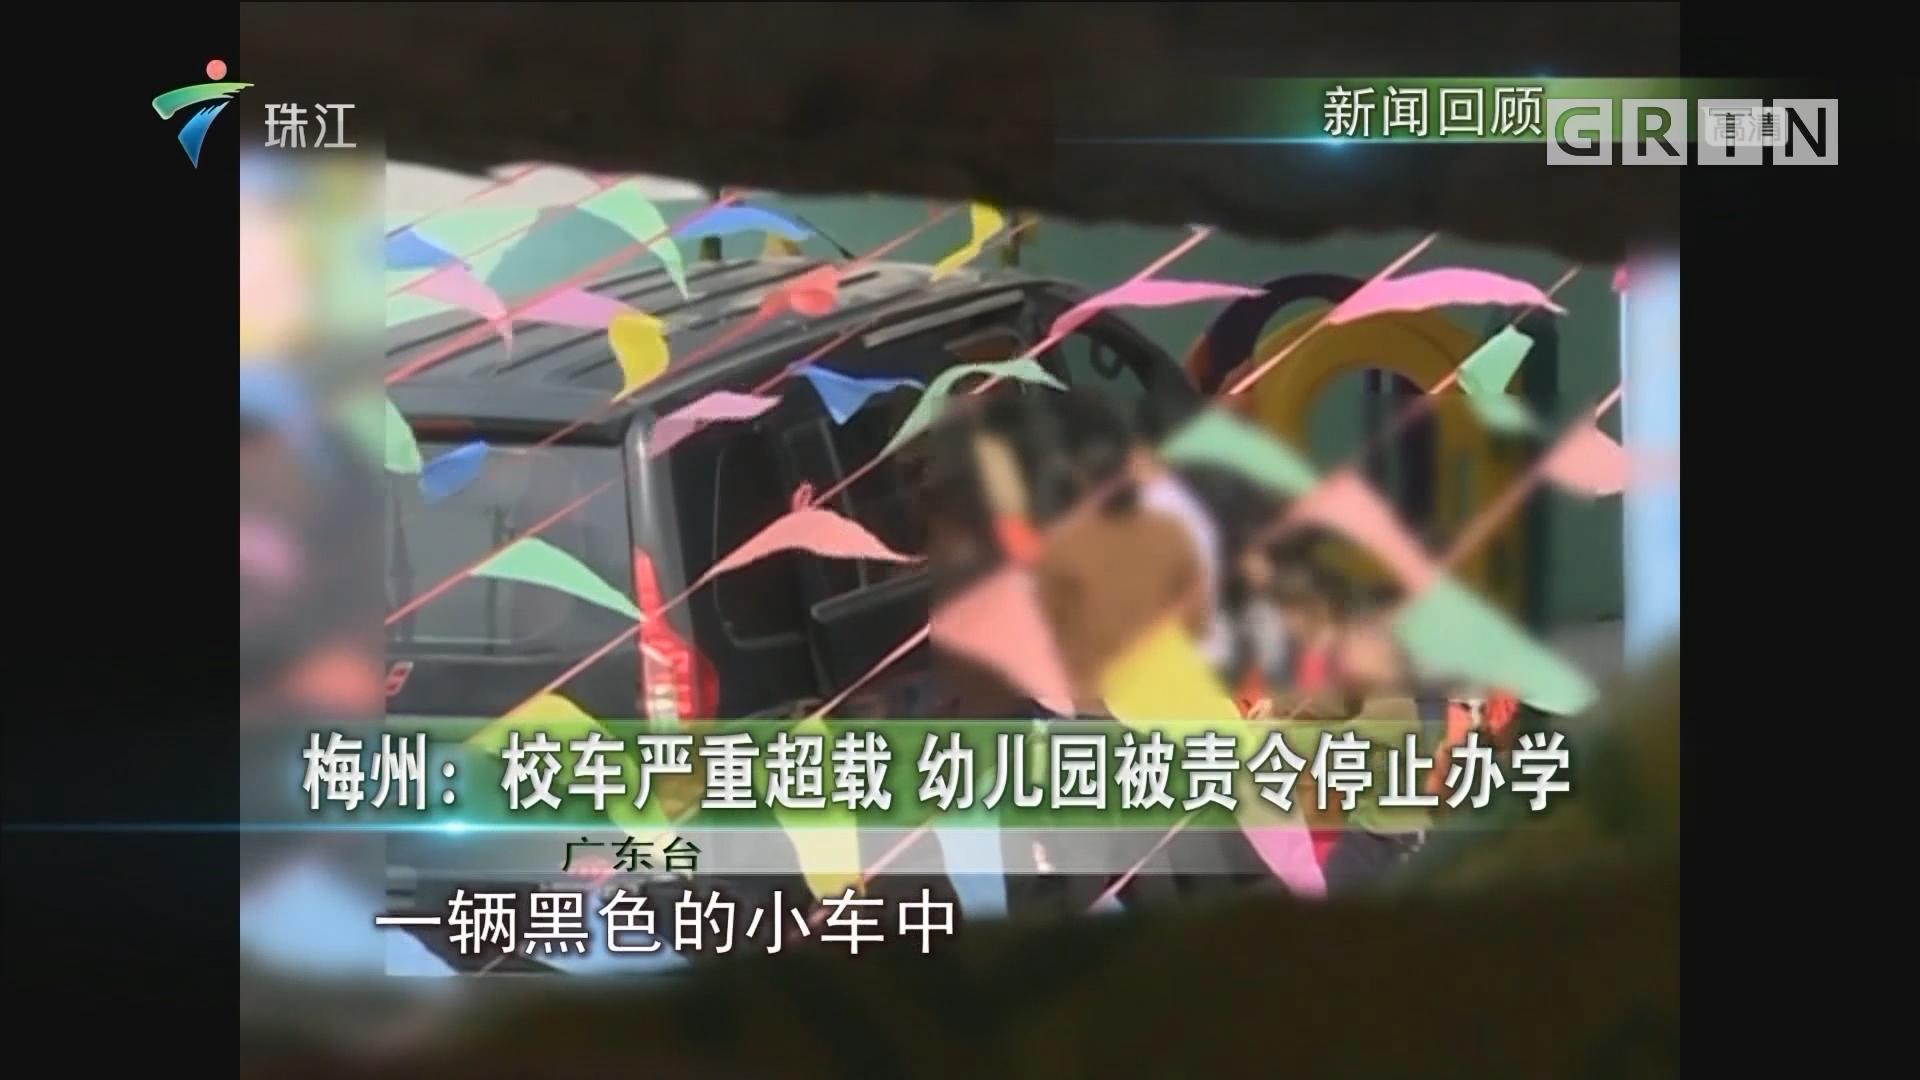 梅州:校车严重超载 幼儿园被责令停止办学